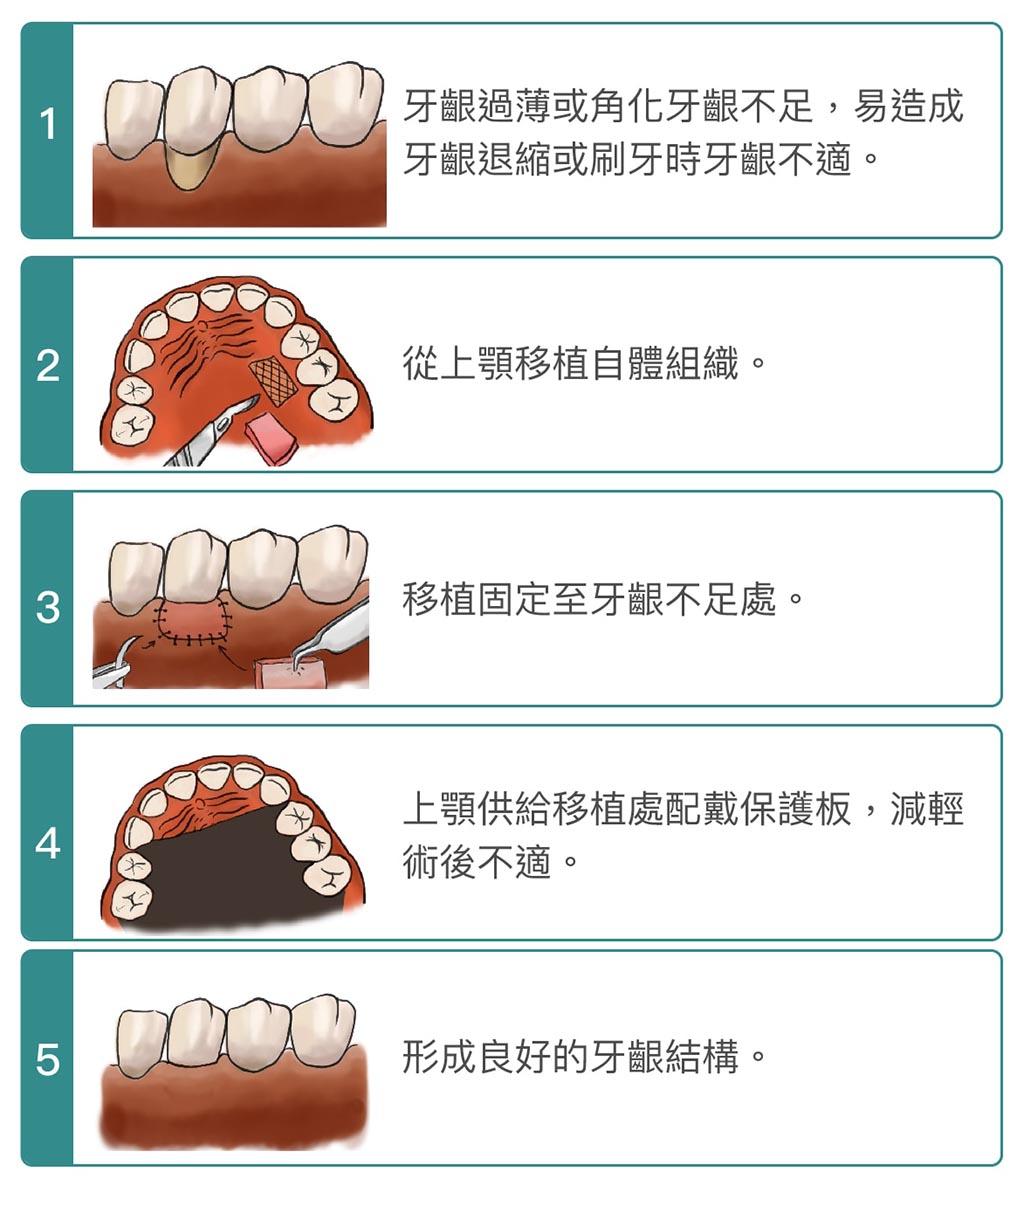 牙根覆蓋術-手術步驟-牙齦手術-牙周整形手術-葉立維醫師-桃園牙周病.jpg